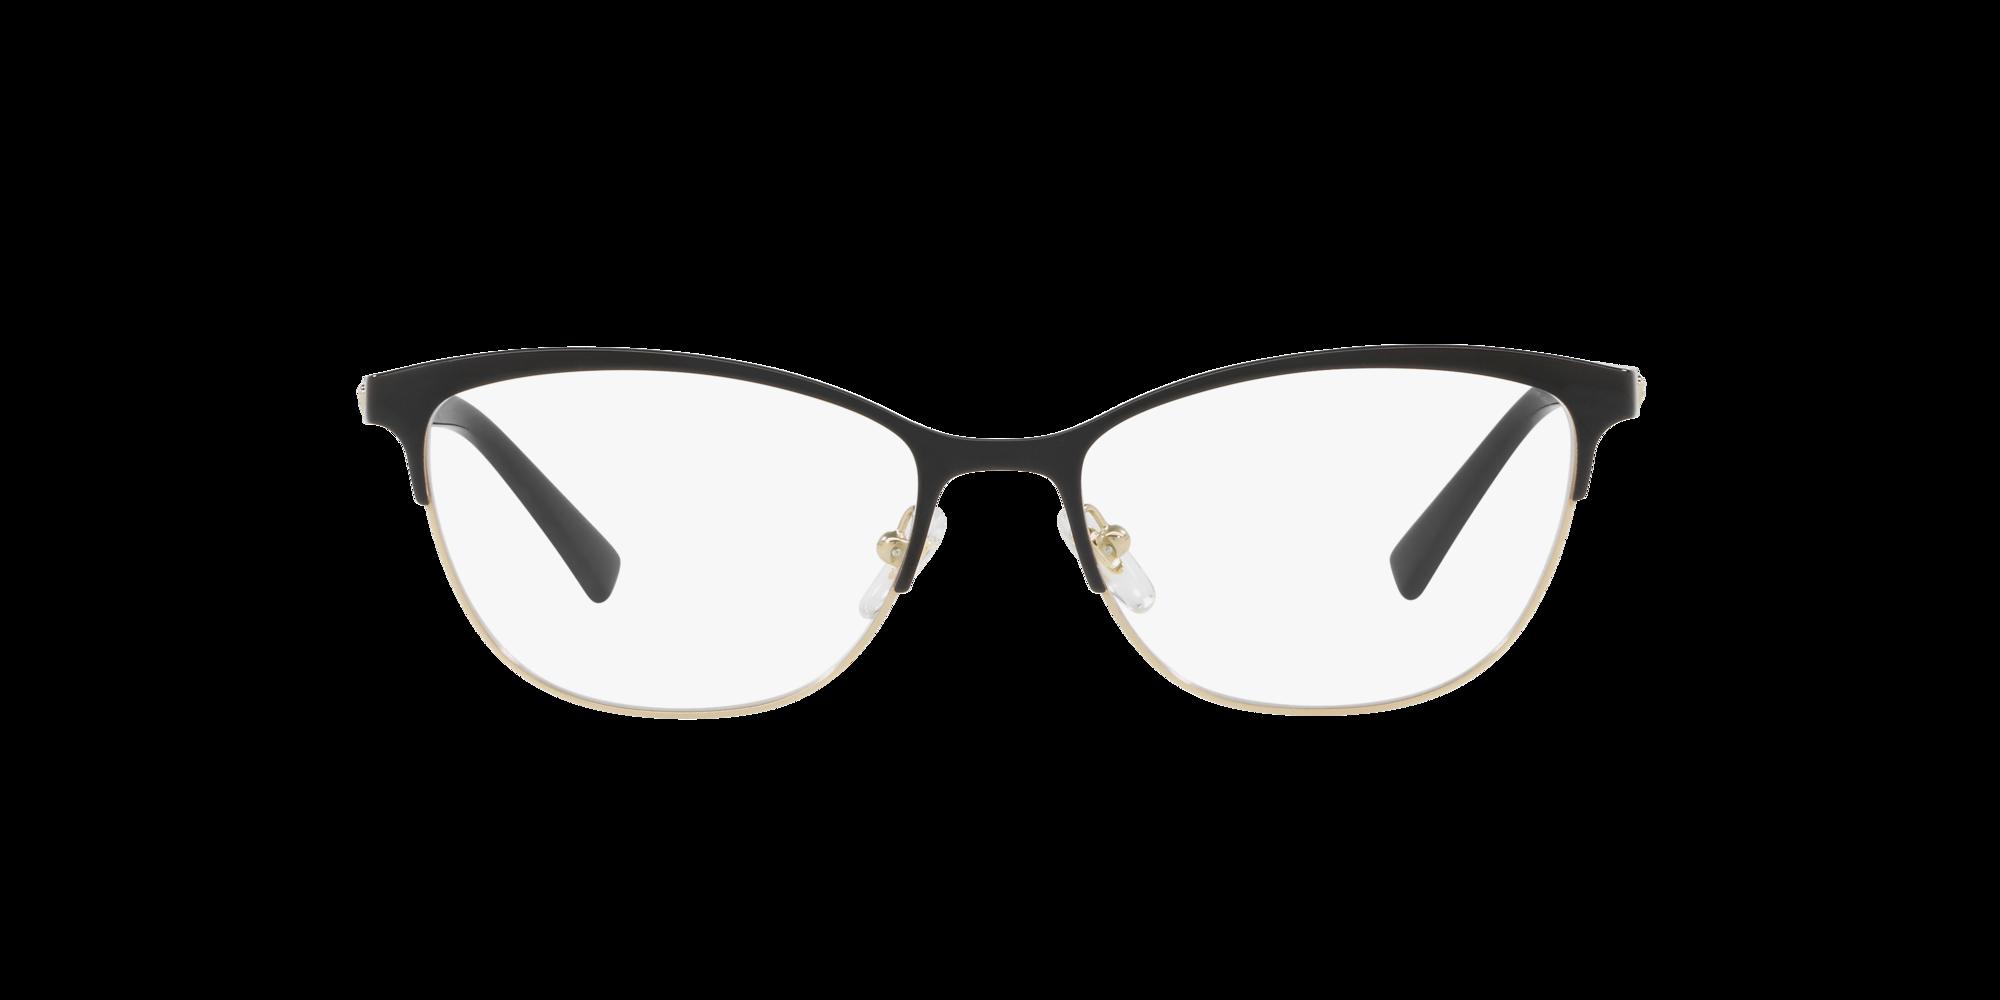 Imagen para VE1251 de LensCrafters |  Espejuelos, espejuelos graduados en línea, gafas